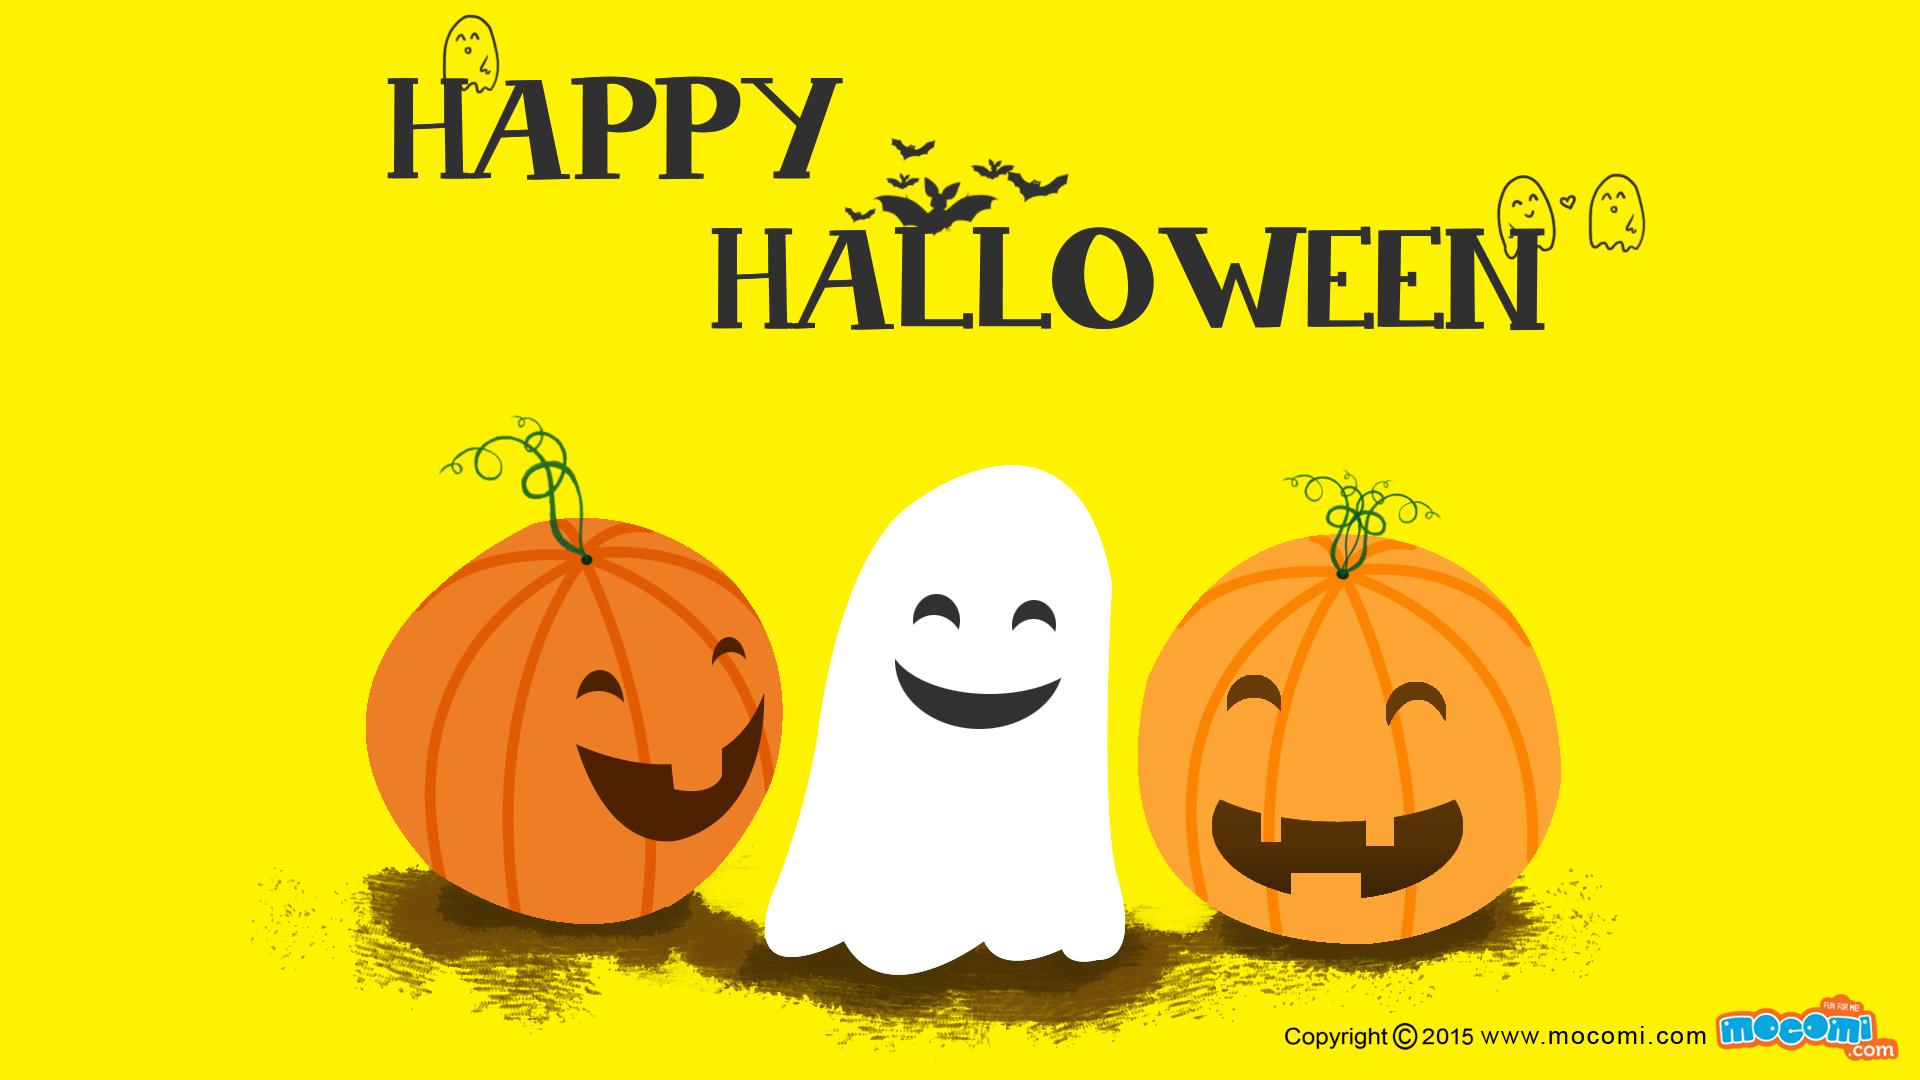 Happy Halloween Wallpaper – 04